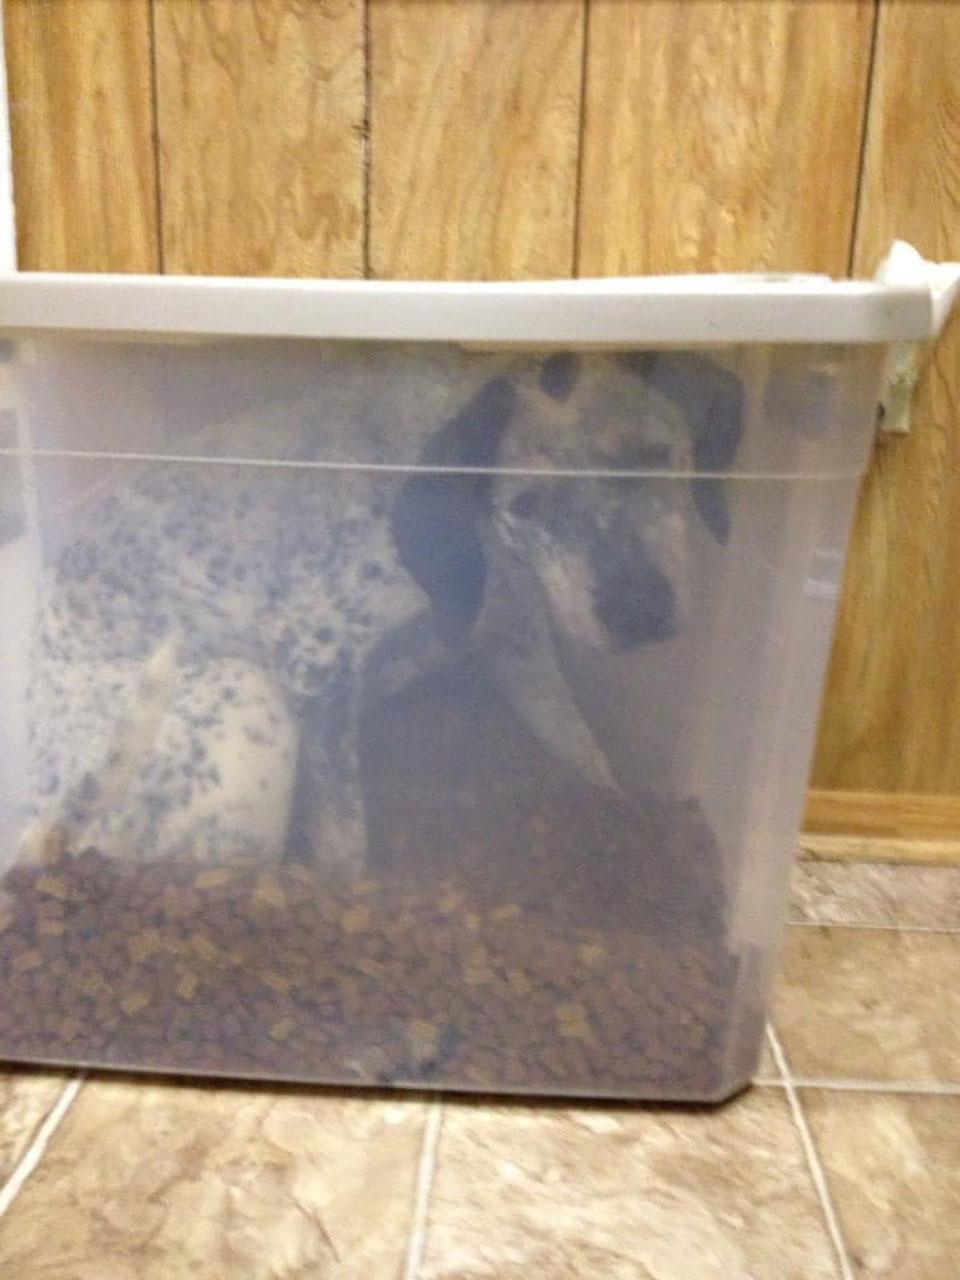 Perro atrapado en recipiente de comida